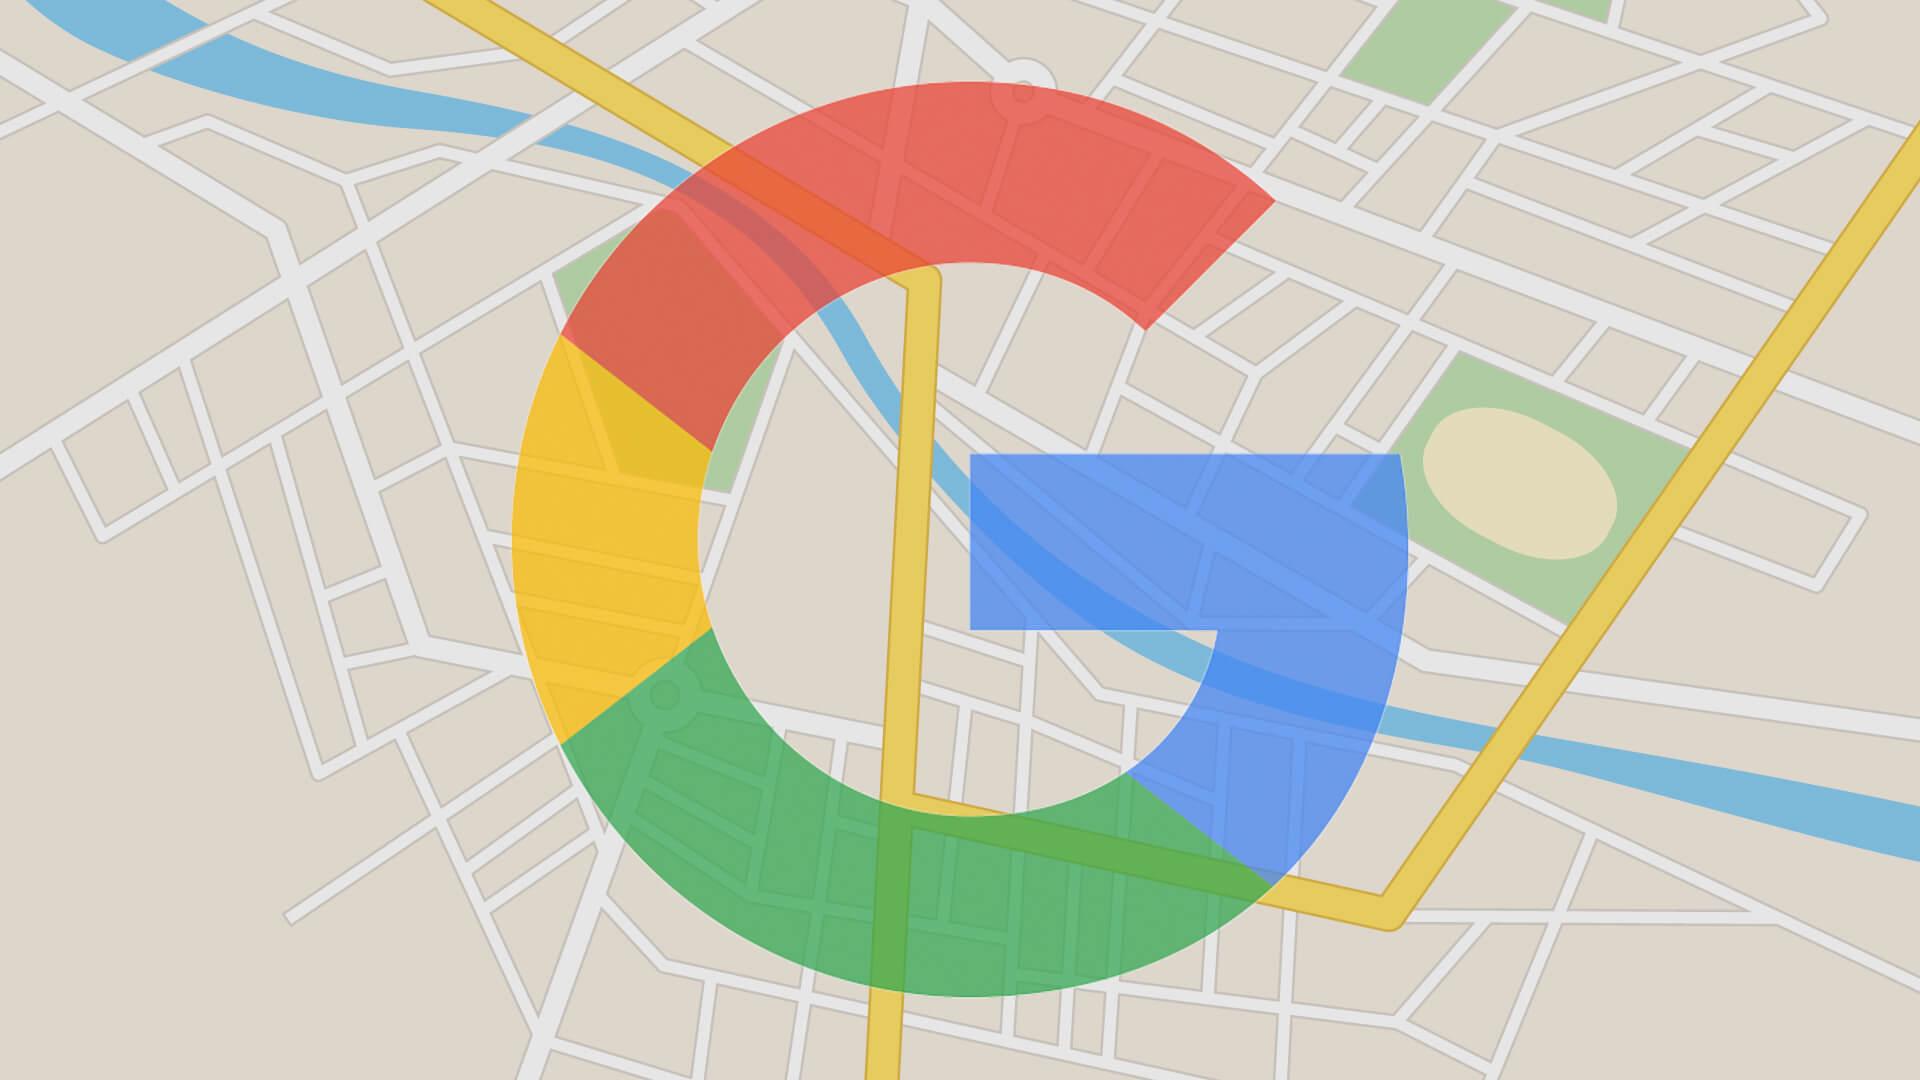 آپدیت جدید گوگل مپس با قابلیت تصویر در تصویر اندروید اوریو سازگاری دارد